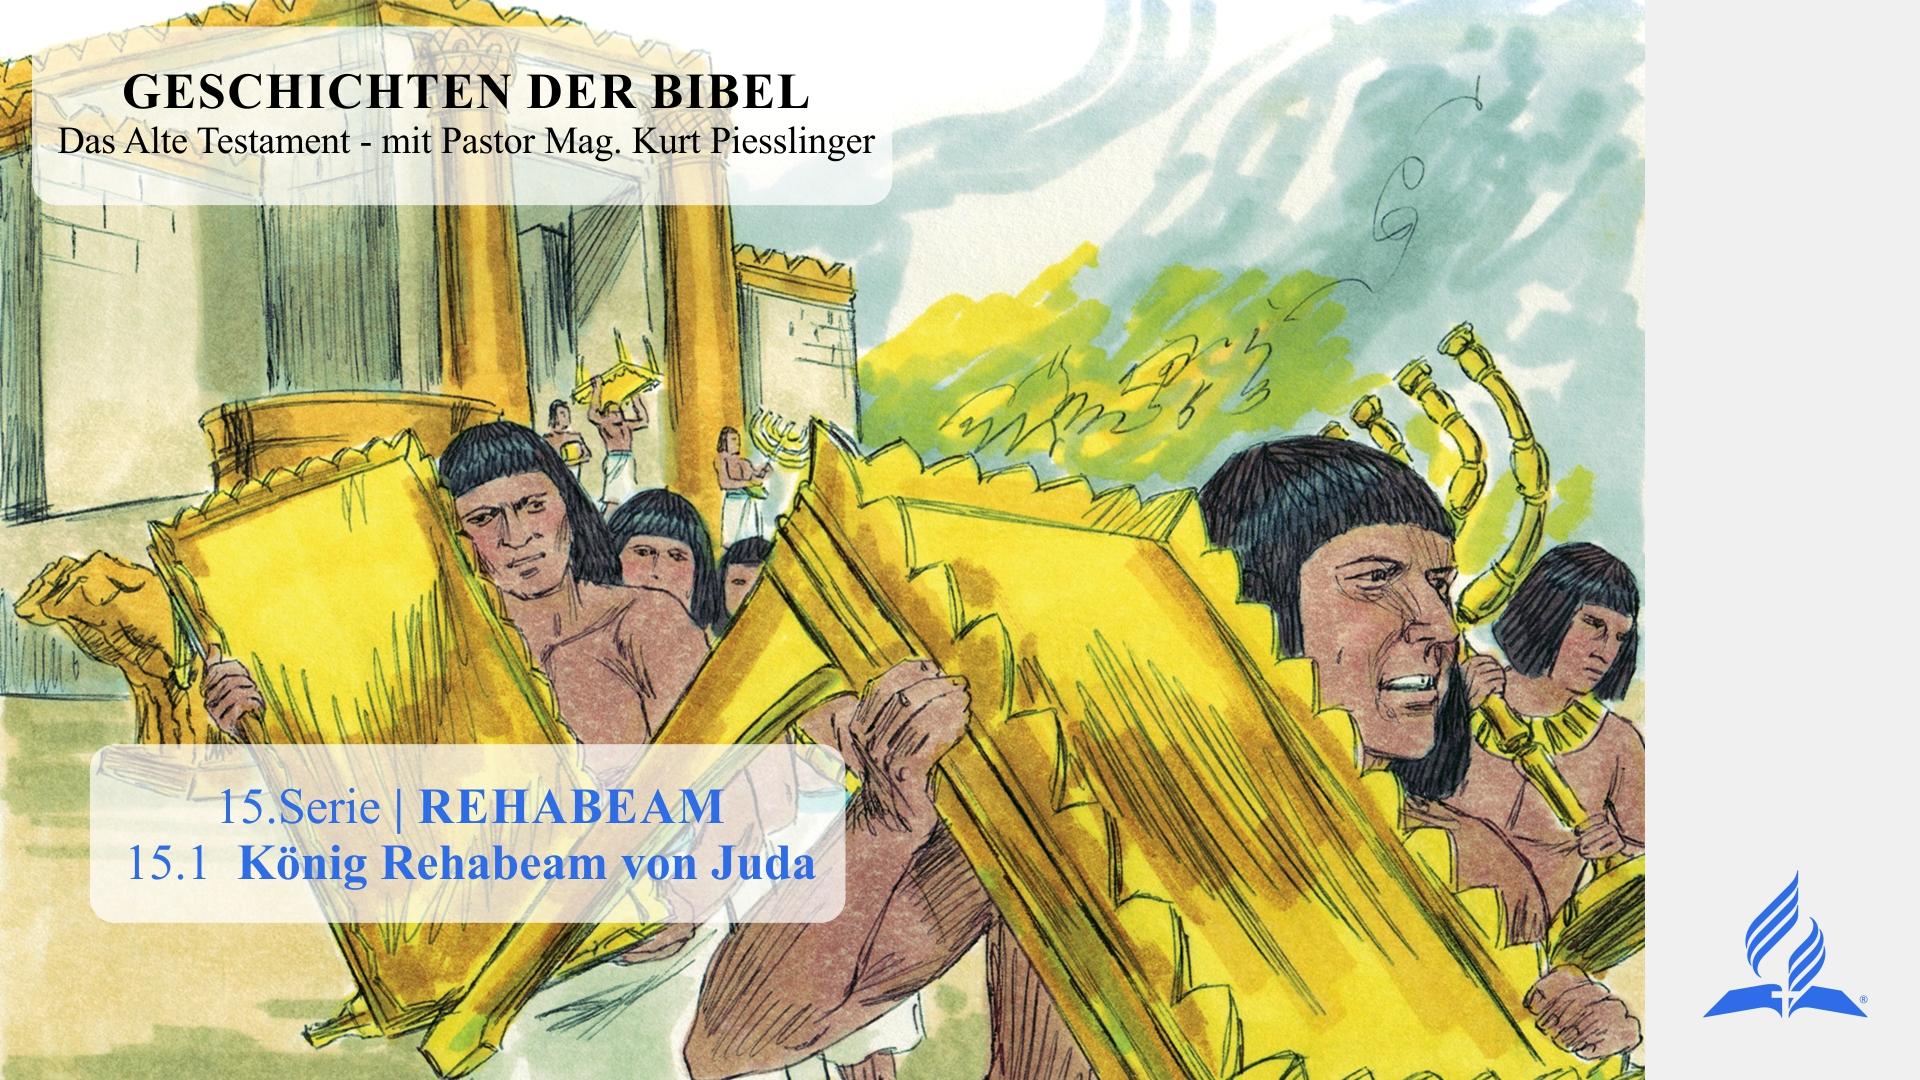 15.1 König Rehabeam von Juda x